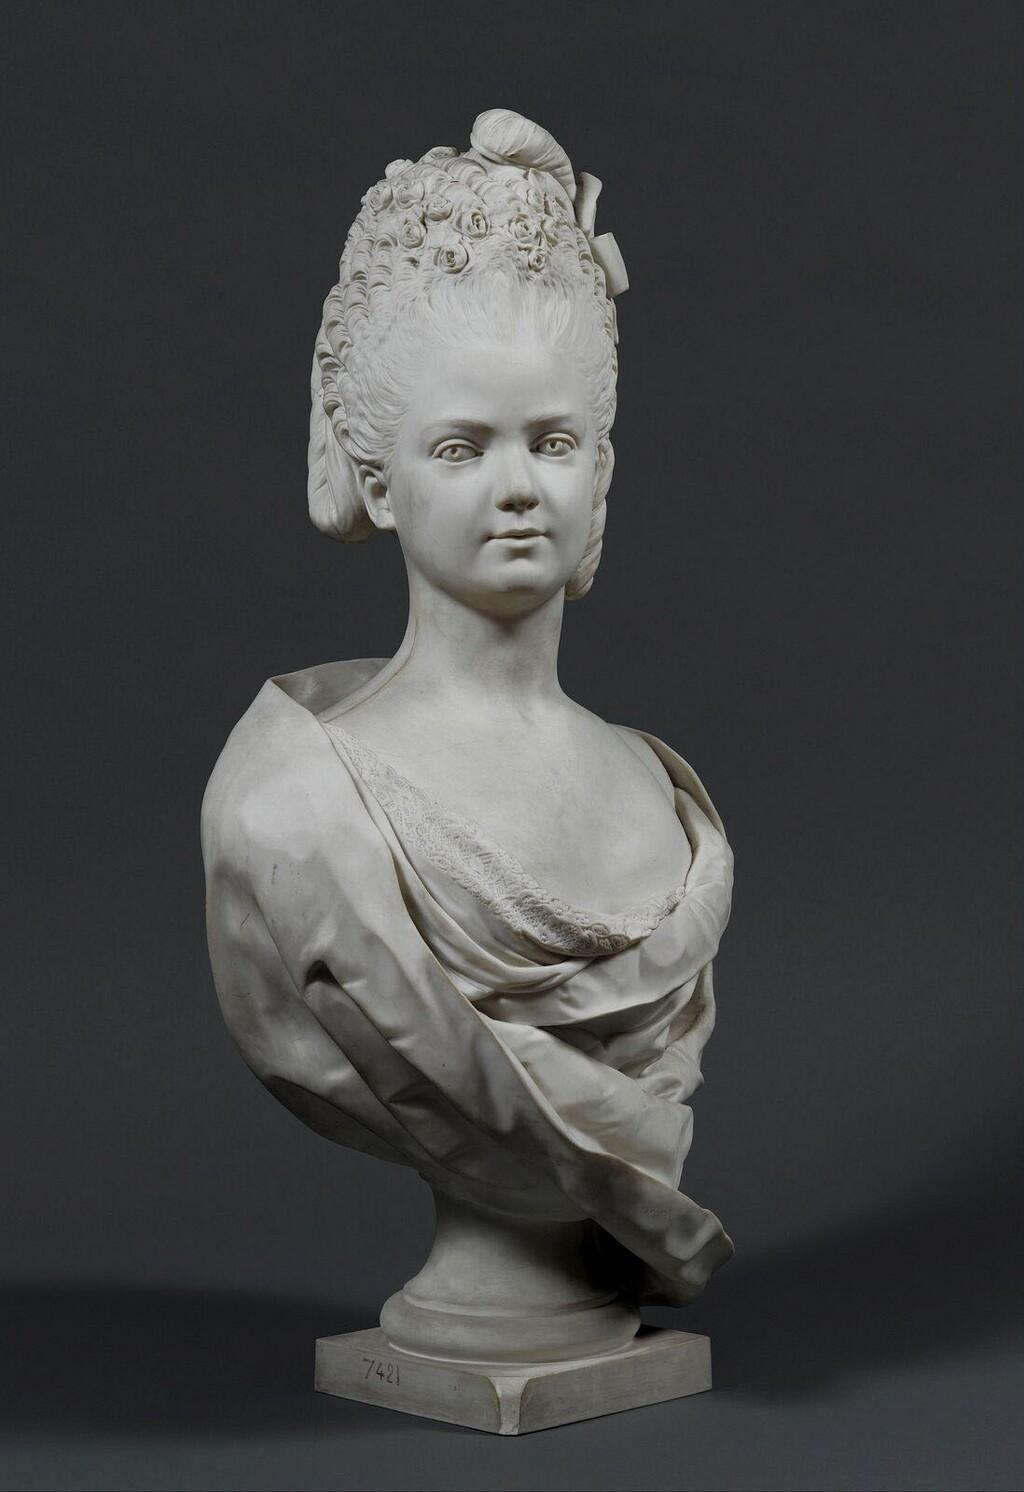 """clotilde - La princesse Clotilde de France, dite Madame Clotilde, """"Gros Madame"""" - Page 4 Imagep42"""